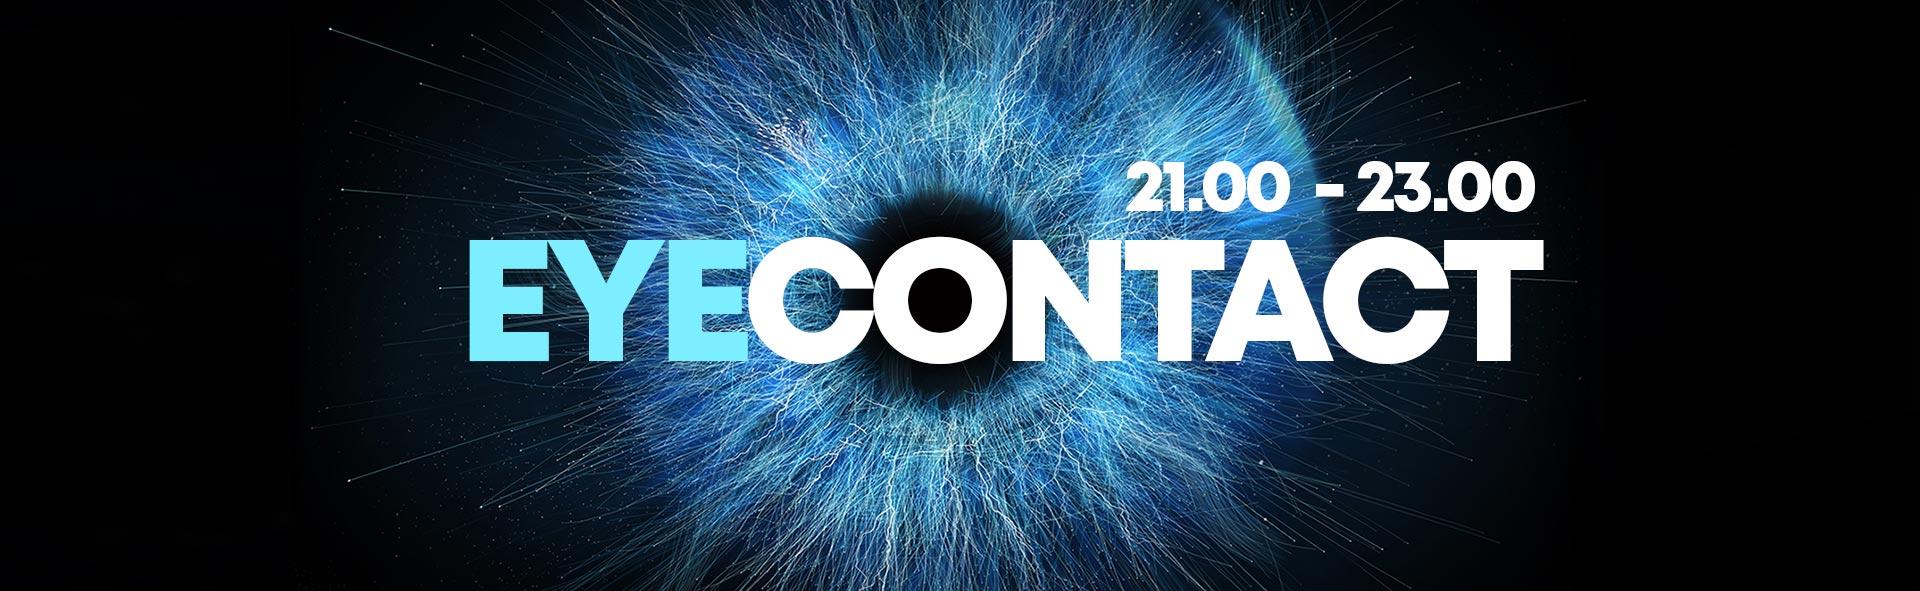 Radio Glamorize Eye Contact 21.00 - 23.00